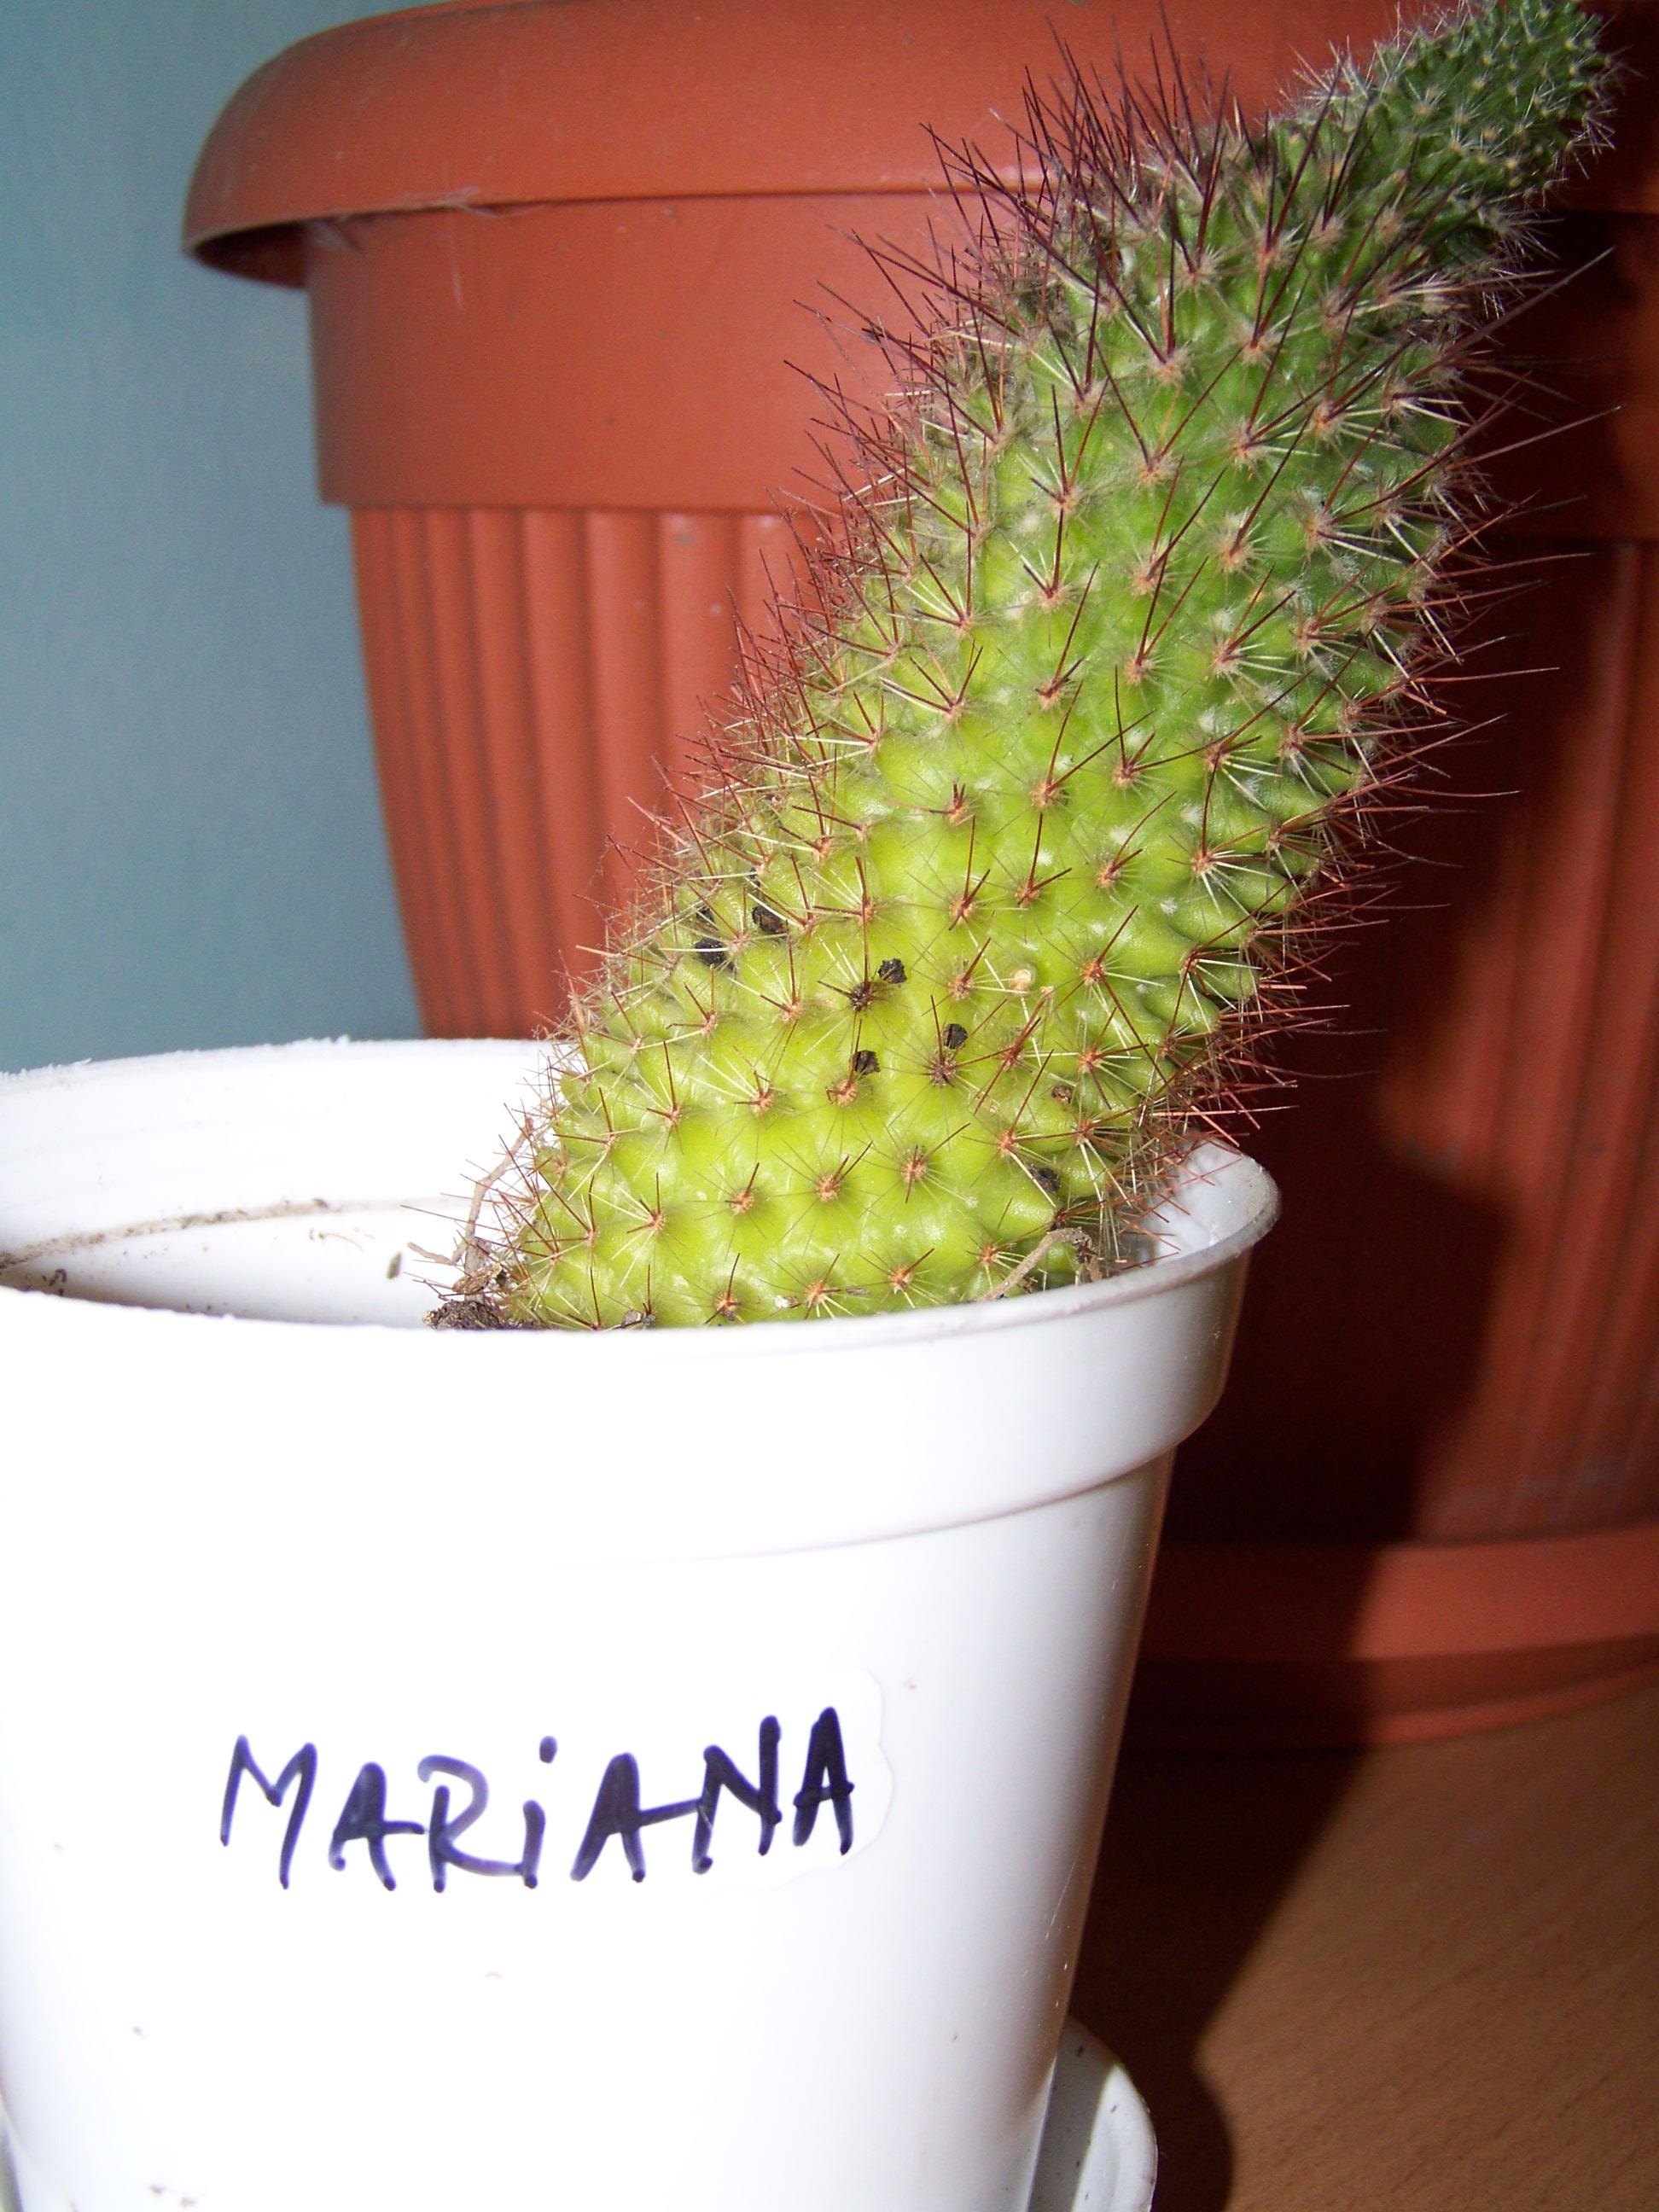 Mmm...Mariana